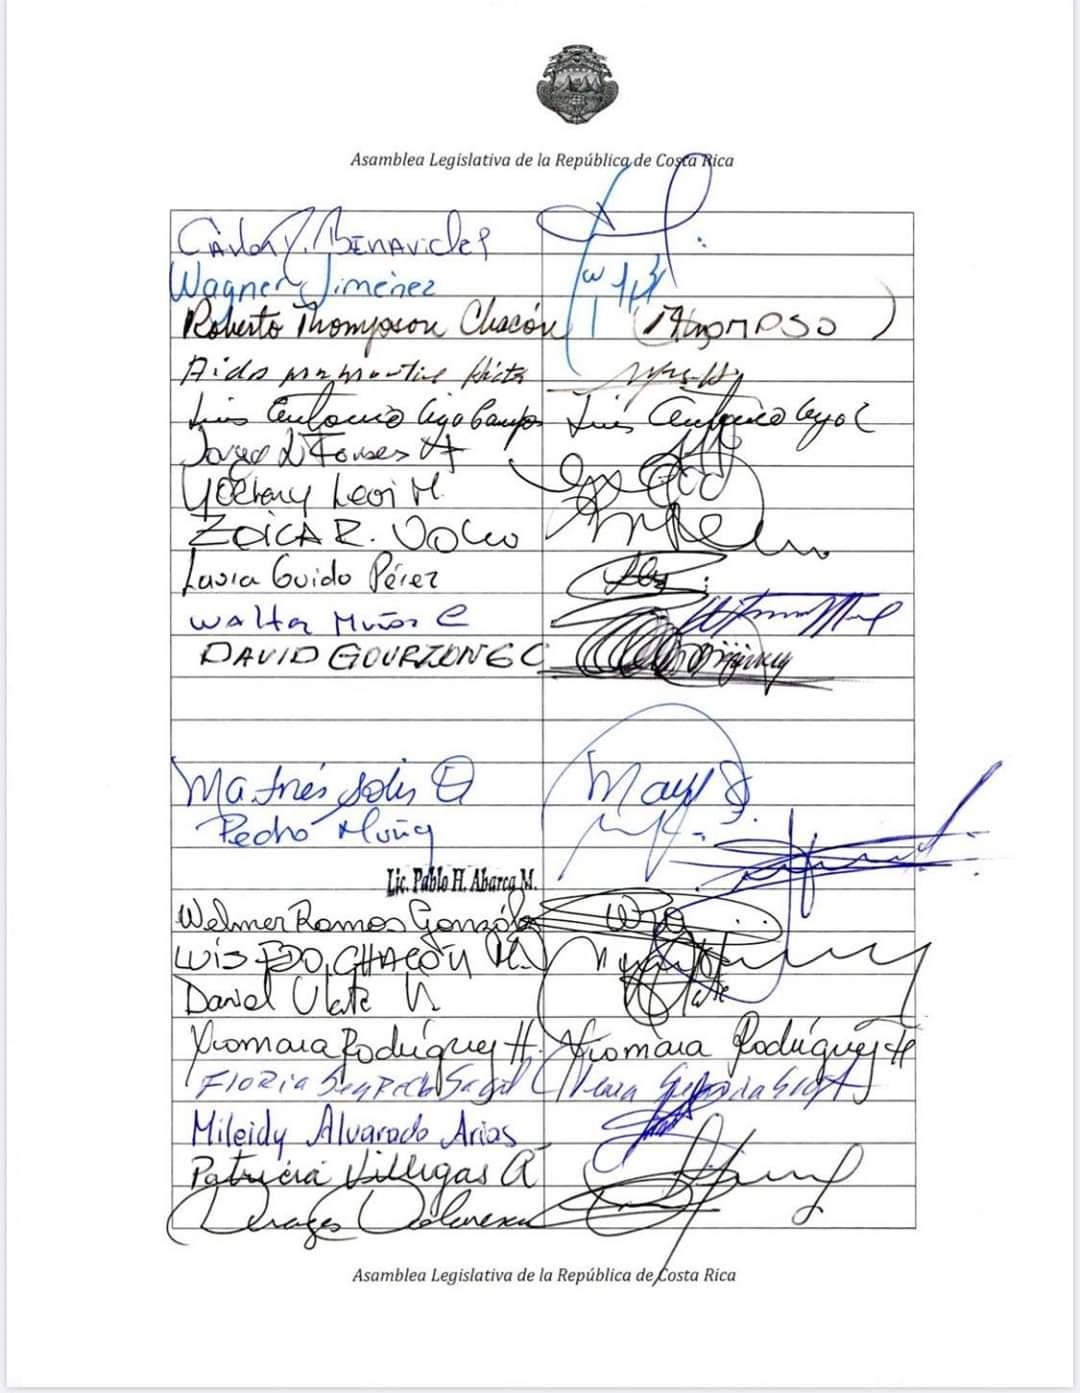 Firmas de los diputados de la Asamblea Legislativa de Costa Rica